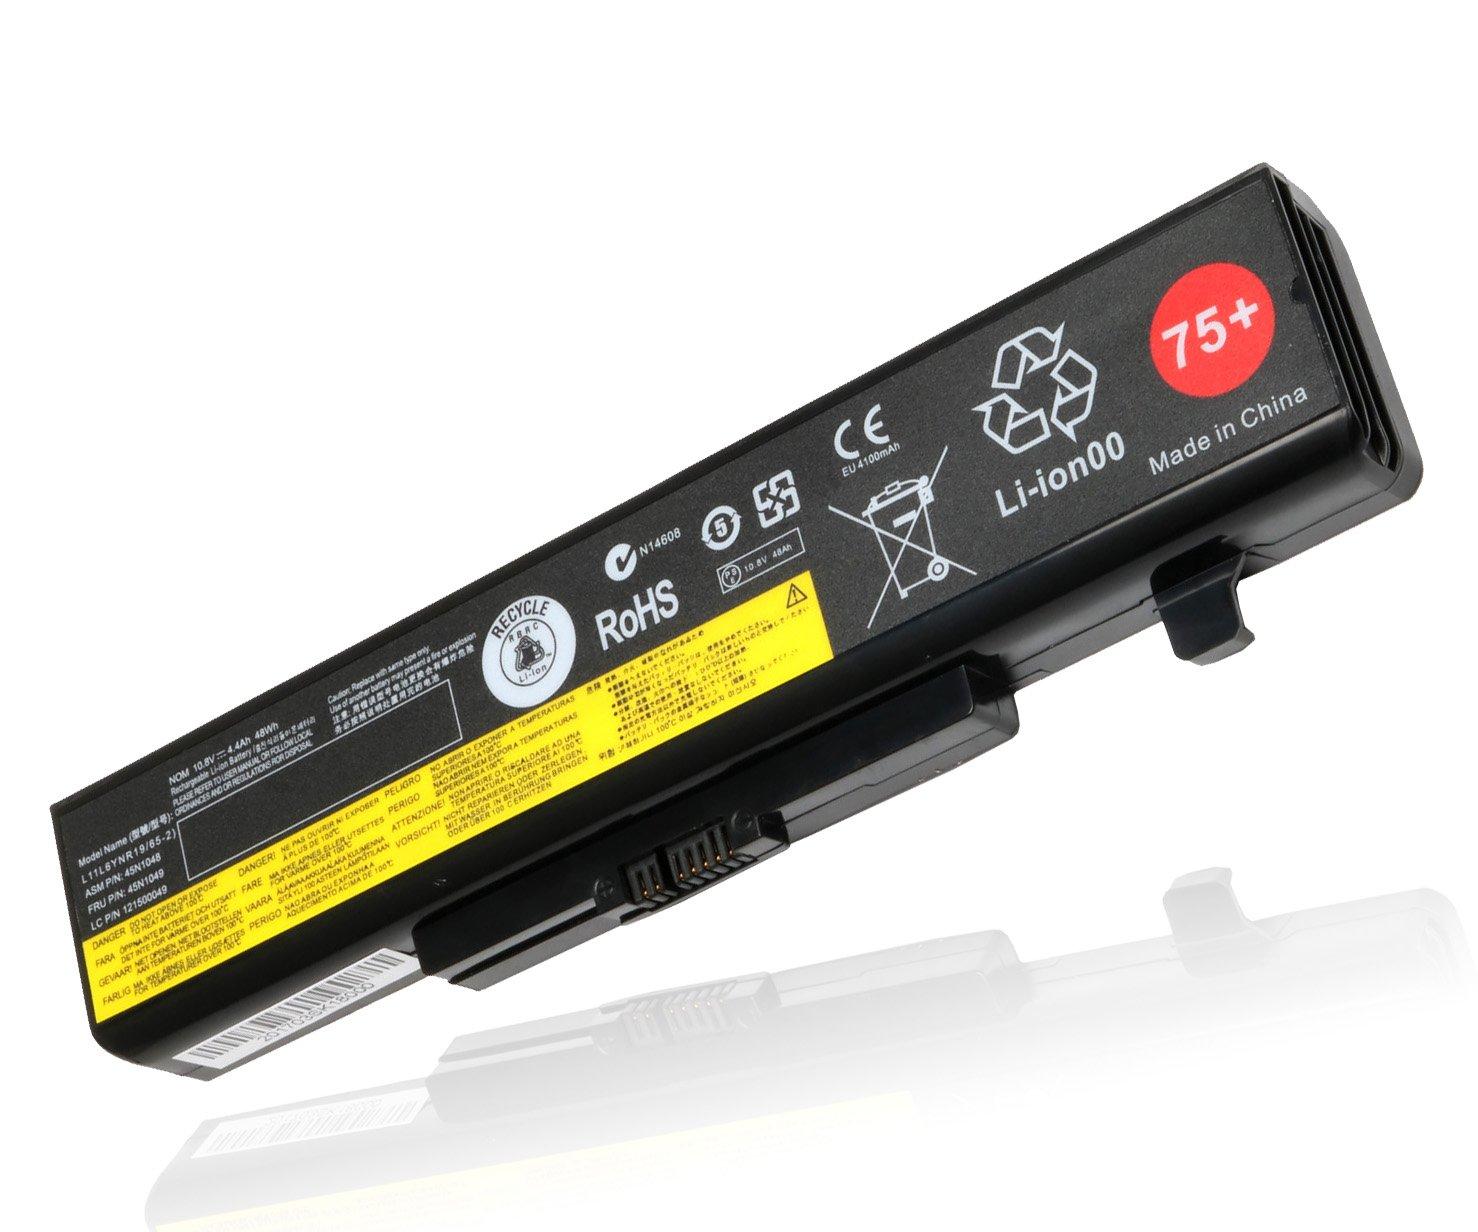 B590 E430 E431 New Laptop Battery For Lenovo ThinkPad E Series E435 E440 E445 E530 E531 E535 E540 E545 75+ 6-Cell